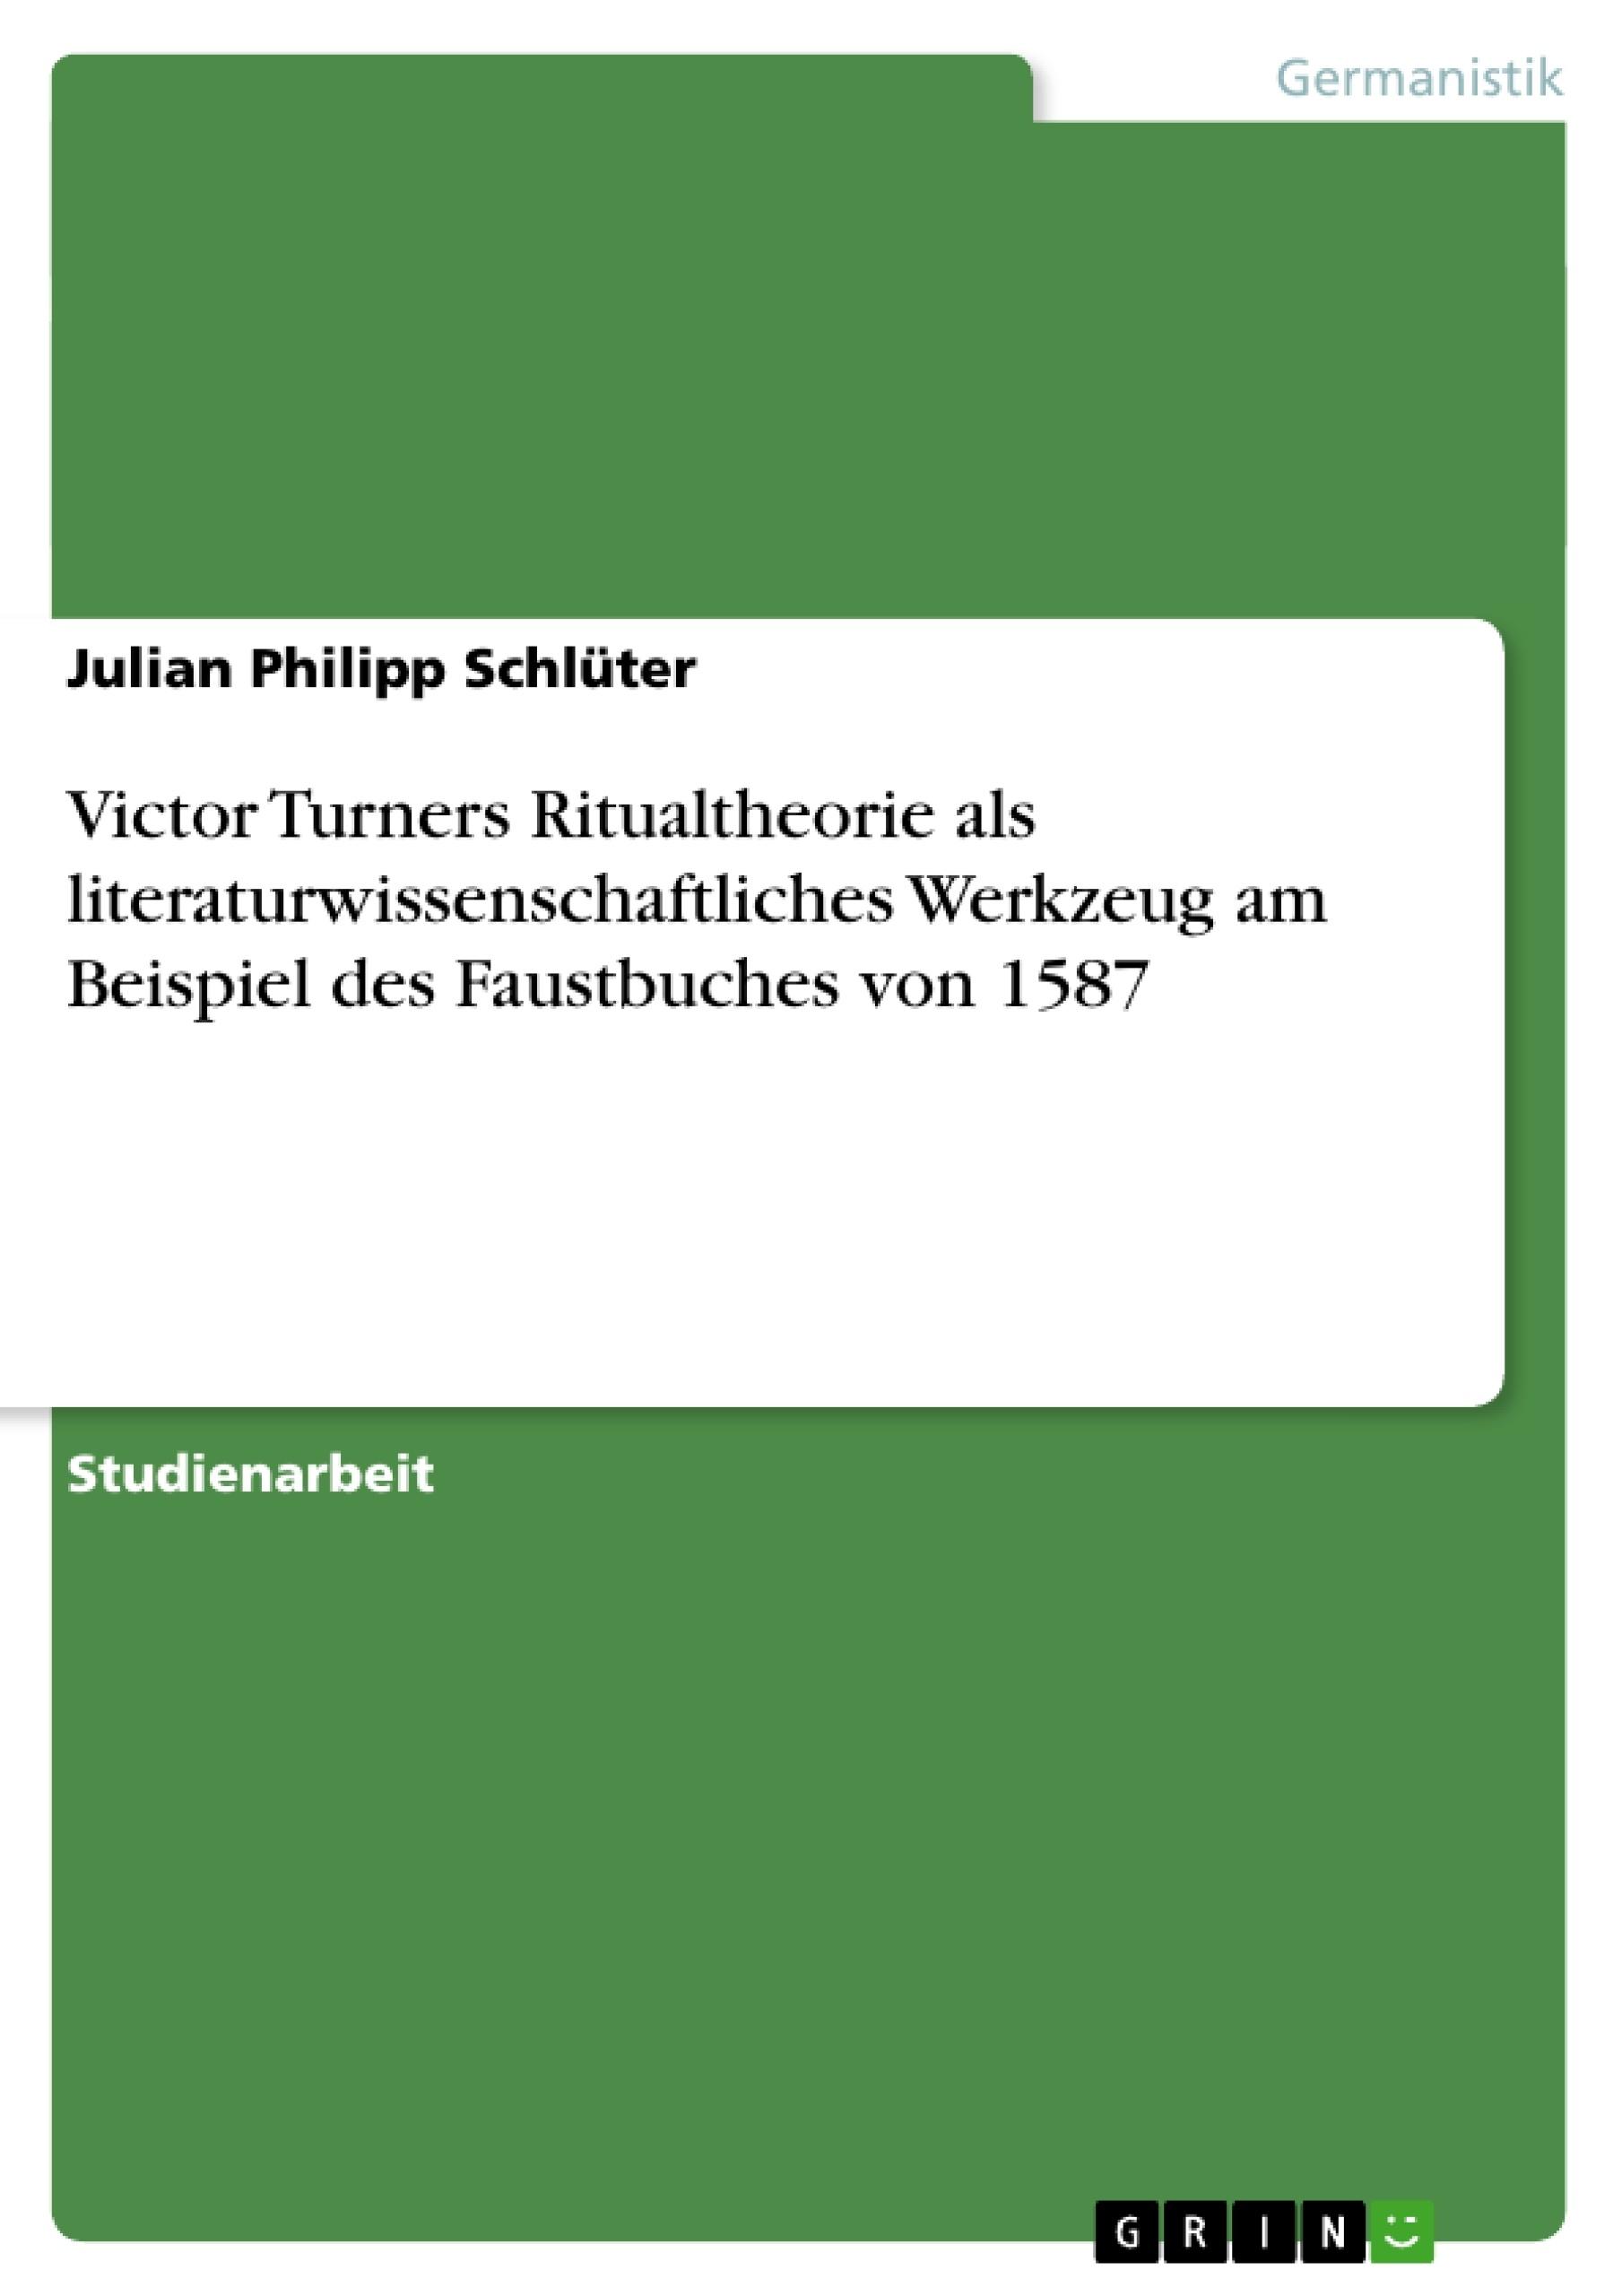 Titel: Victor Turners Ritualtheorie als literaturwissenschaftliches Werkzeug am Beispiel des Faustbuches von 1587